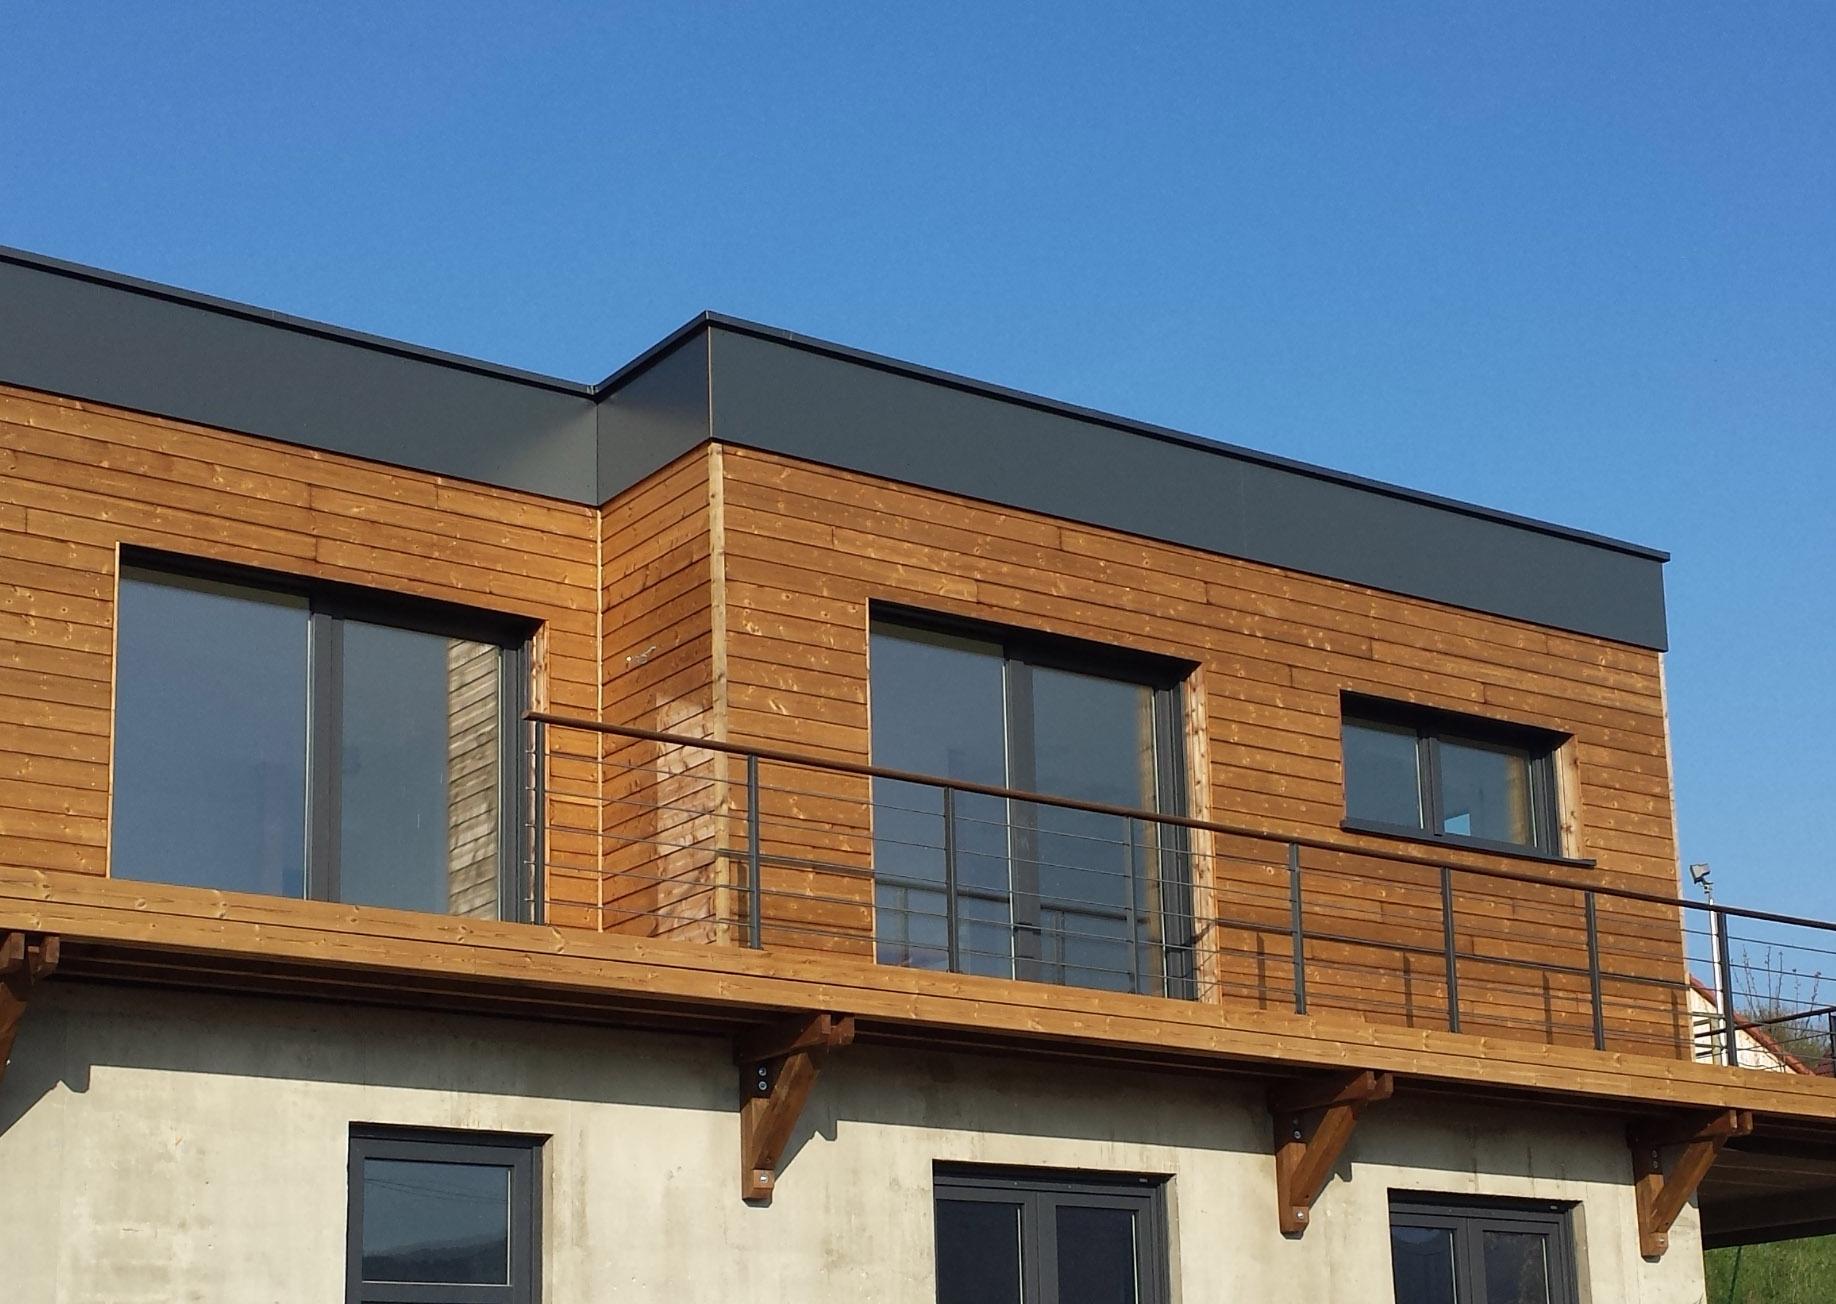 accueil la maison passive alsace maisons passives bois en alsace architecte. Black Bedroom Furniture Sets. Home Design Ideas